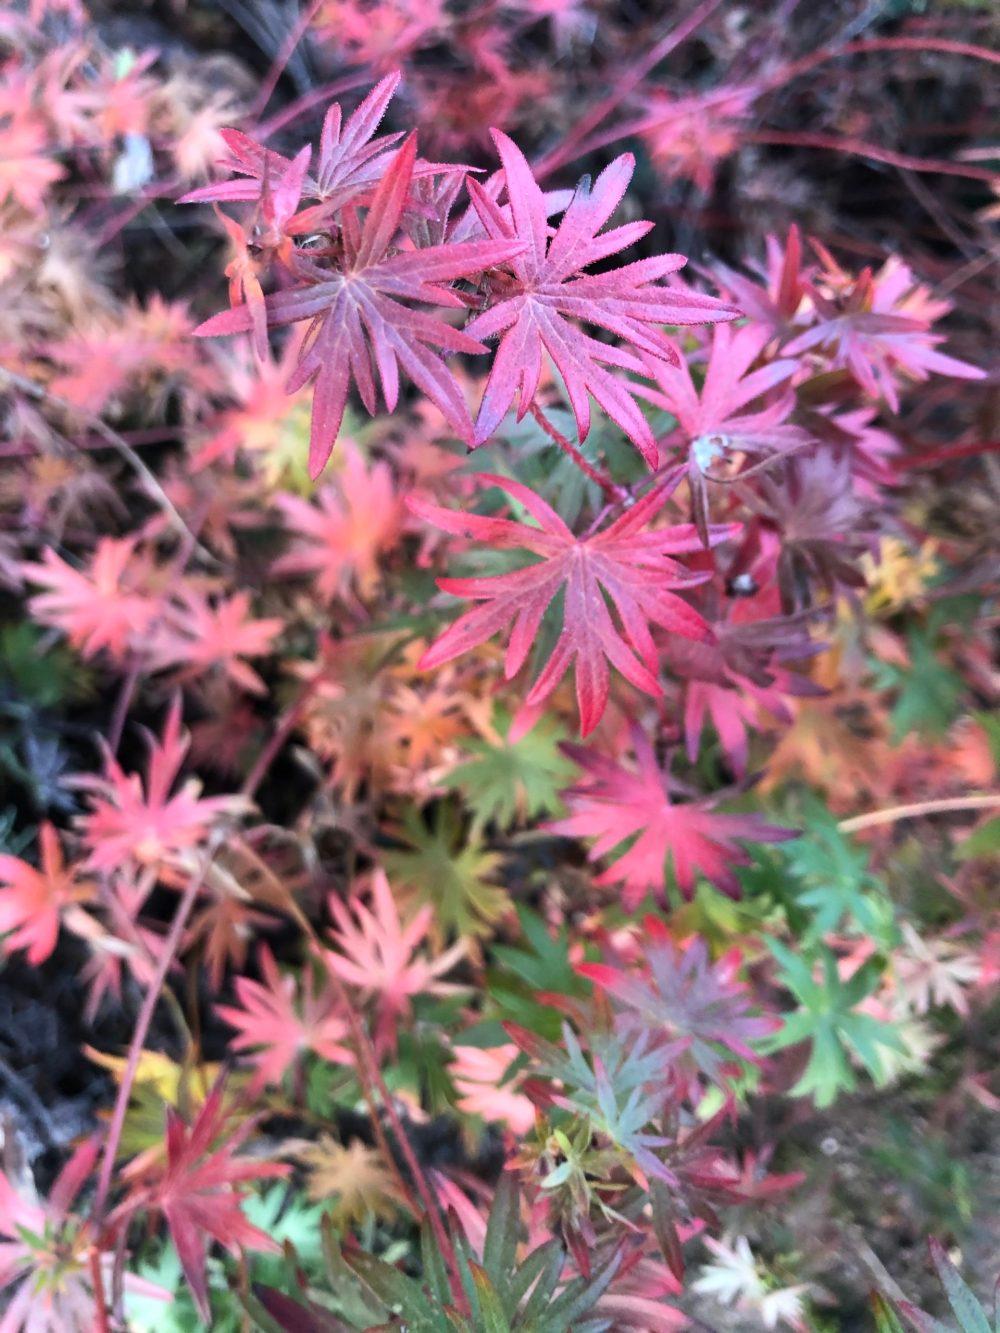 Viele Blätter des blutroten Storchschnabels in unterschiedlicher Reife